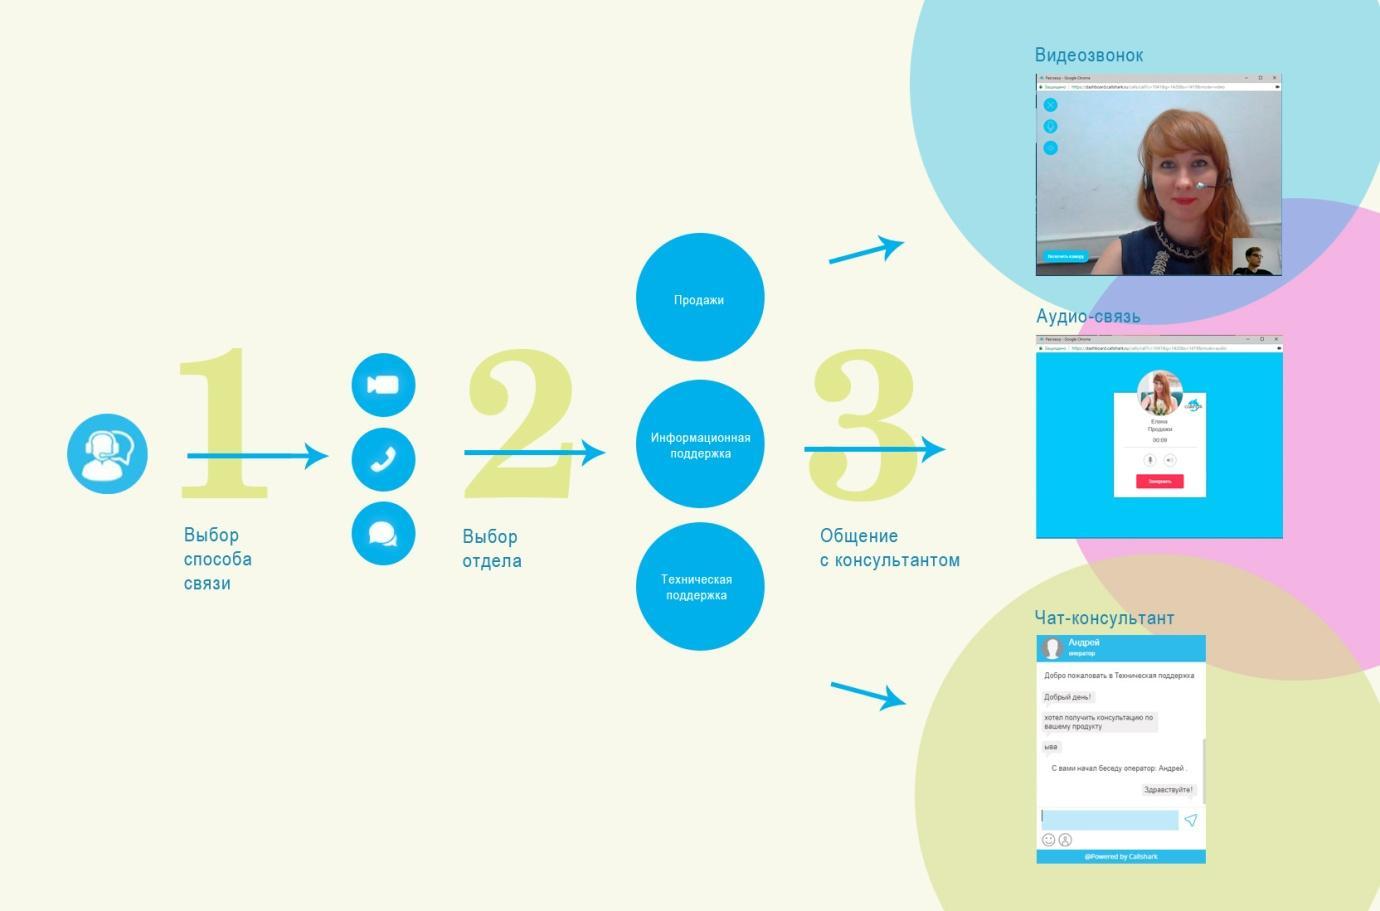 Видеоконсультант на сайте — схема работы видеоконсультанта